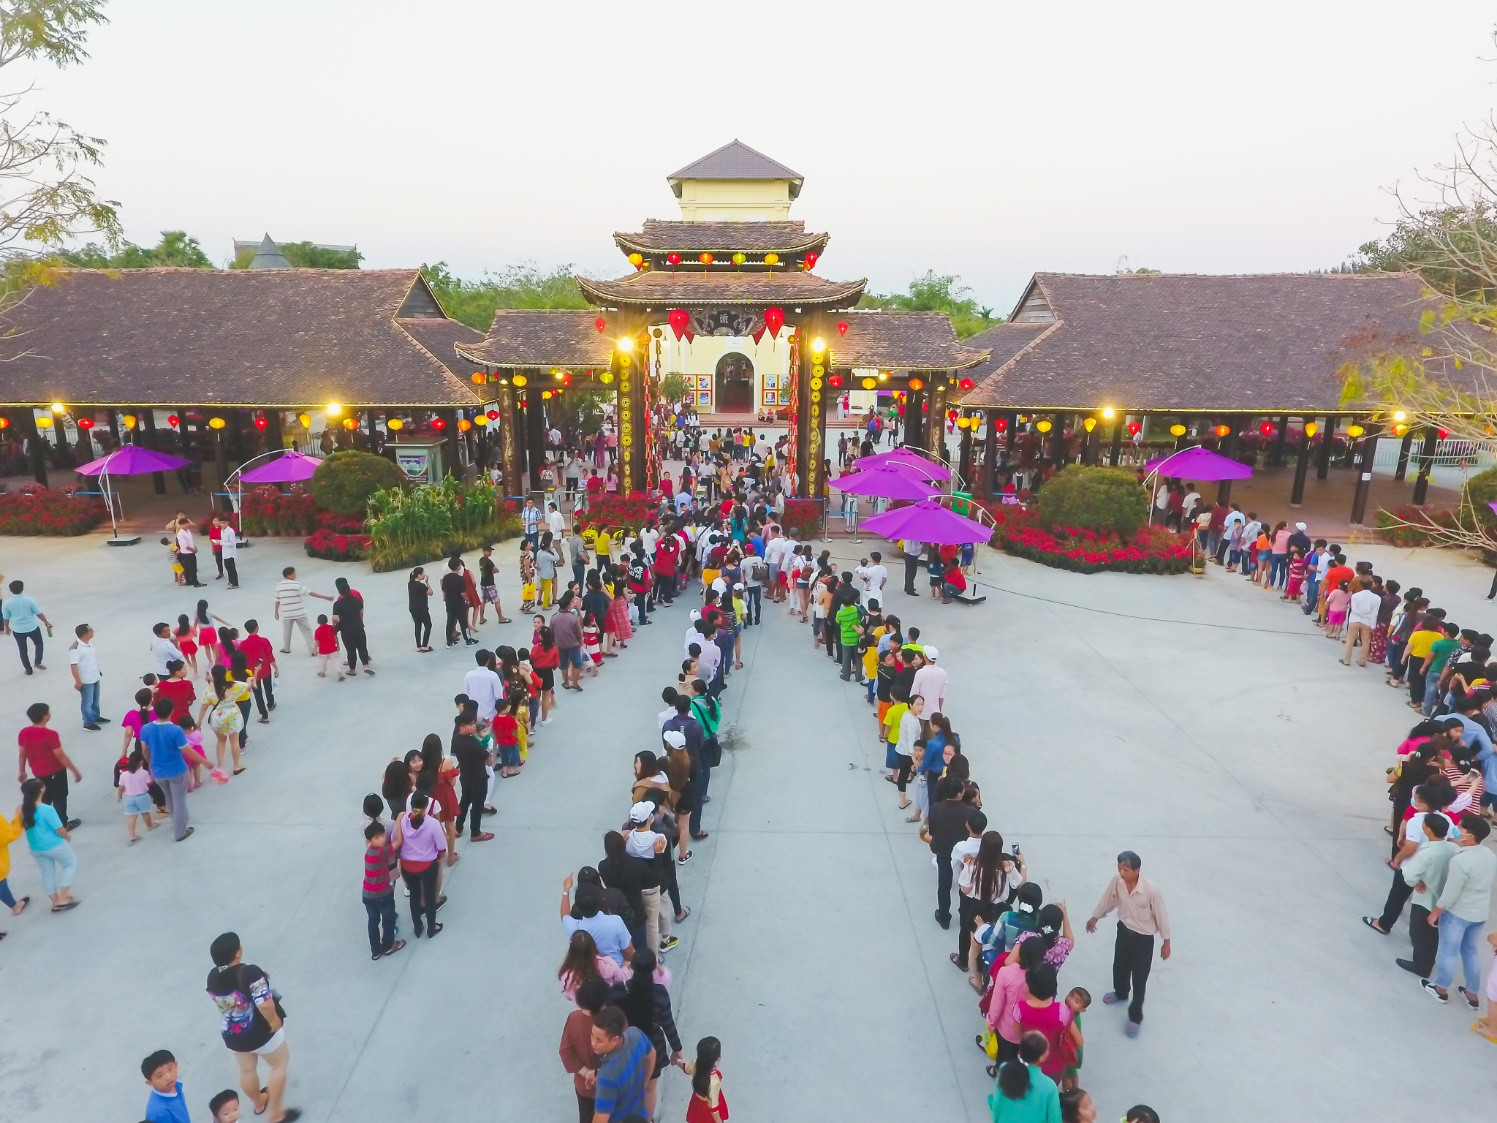 Có gì hấp dẫn ở chương trình Hội ngộ Kỷ lục gia Việt Nam 2019 tại HAPPYLAND? - Ảnh 1.